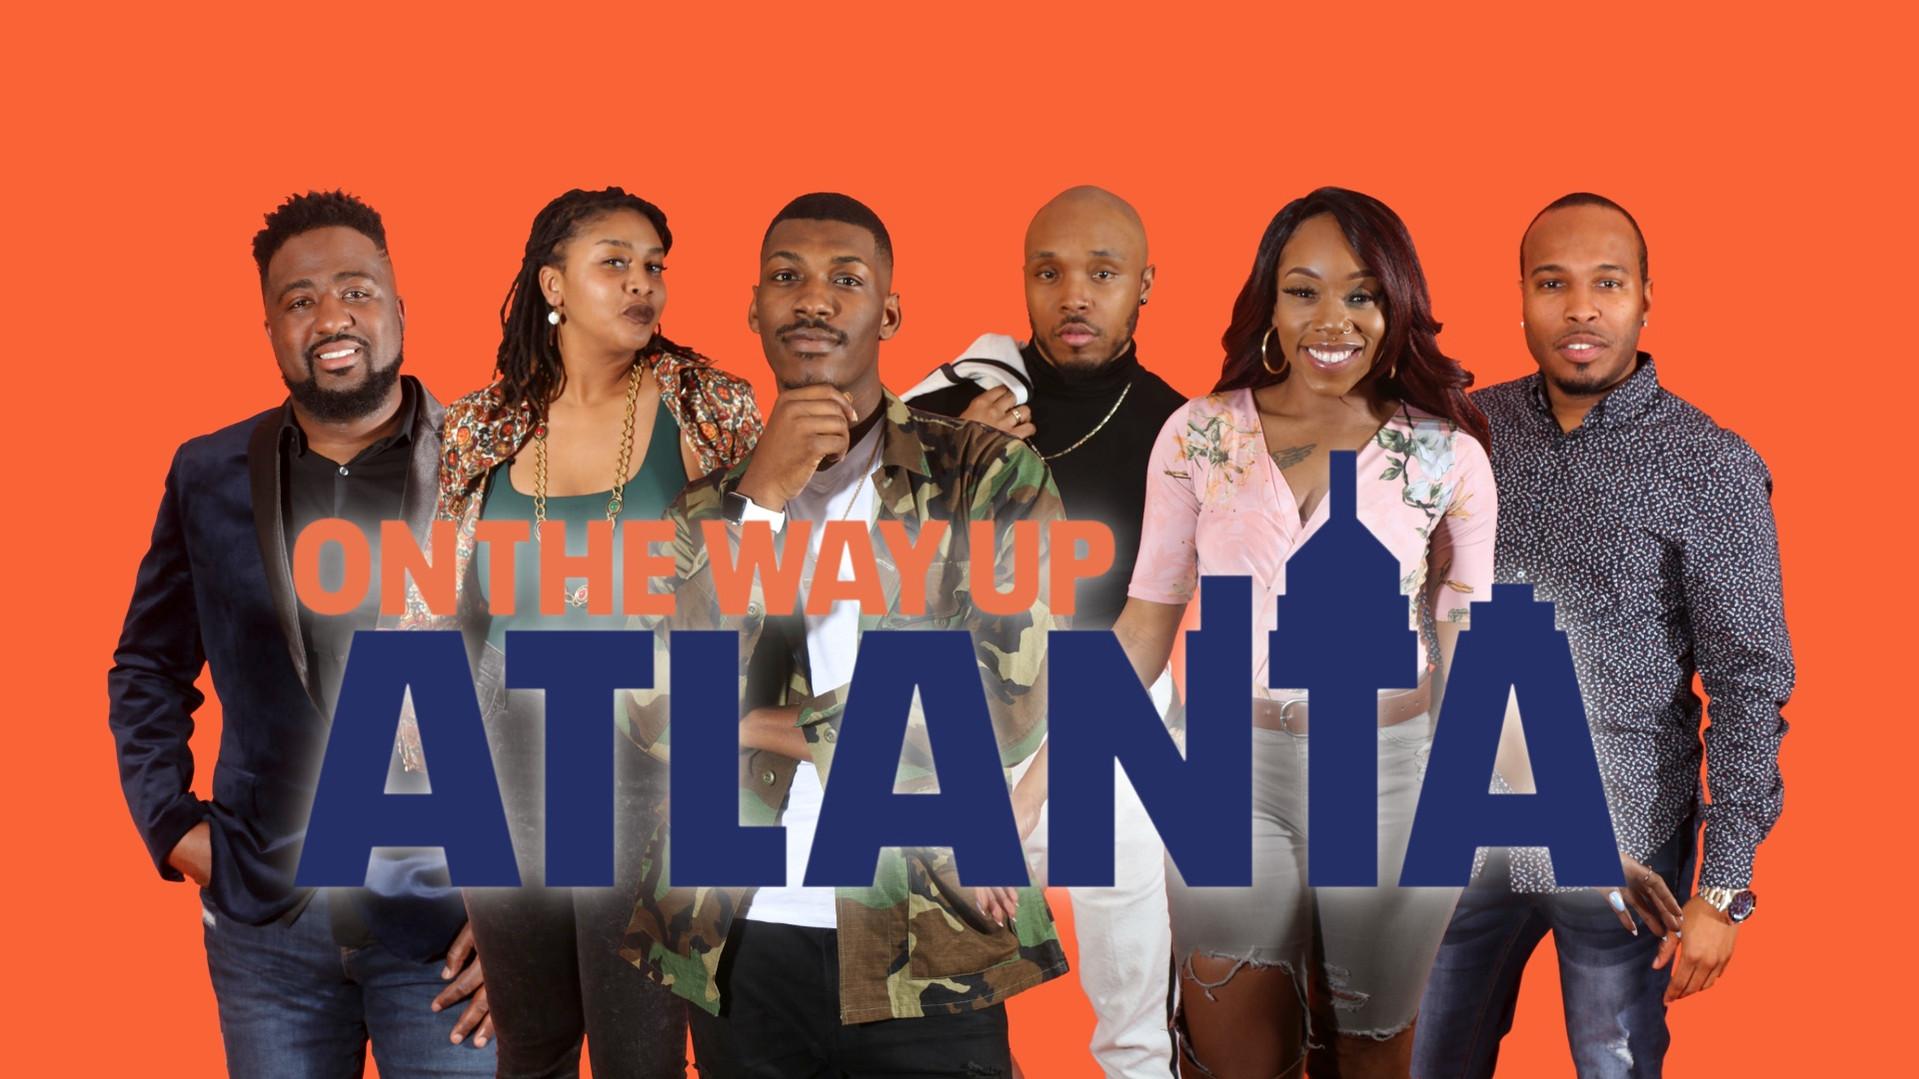 OTWU: Atlanta